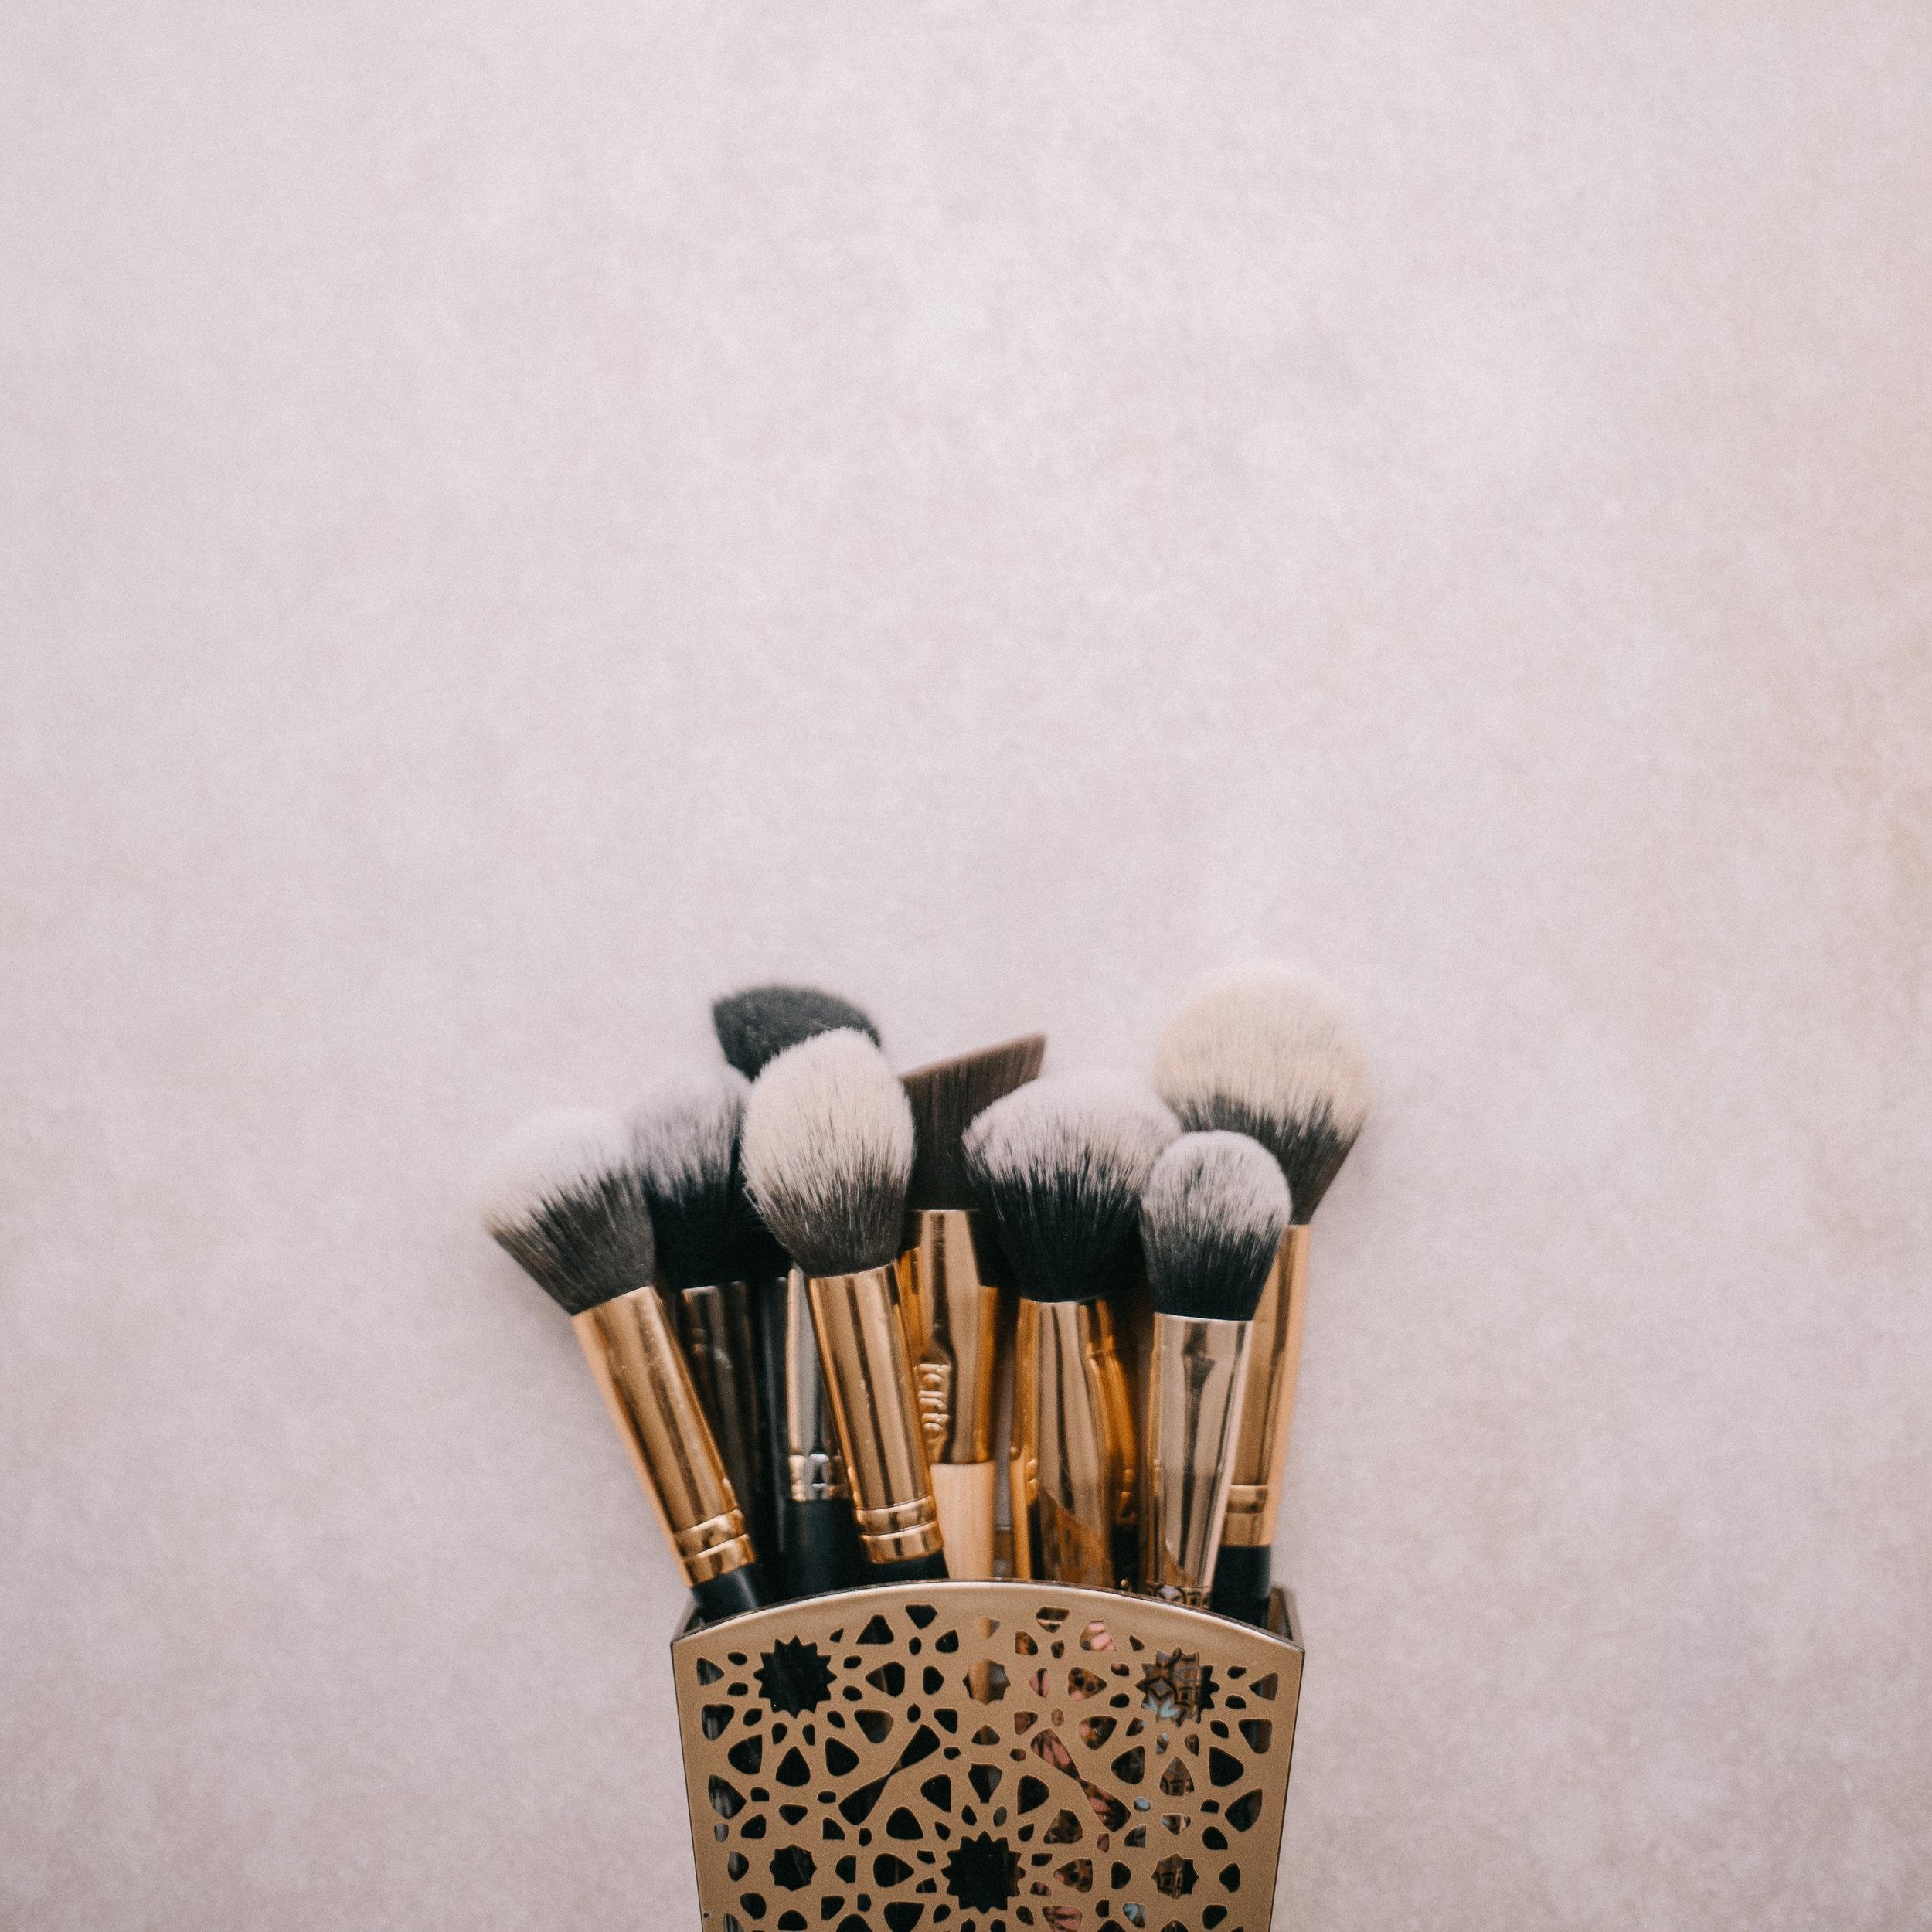 """Basic Beauty Lesson - Du bekommst ein Tages Make-up erklärt und dabei die wichtigsten Tipps gezeigt um das """"NEUE ICH"""" so einfach wie möglich in deinen Alltag zu integrieren. Unsere Kunden sagen immer : Es ist wie ich, nur besser!75 € p.P. - Dauer ca. 50 MinutenDie Basic Beauty Lesson kann man max. zu zweit machen. Telefonisch oder per Email buchen."""